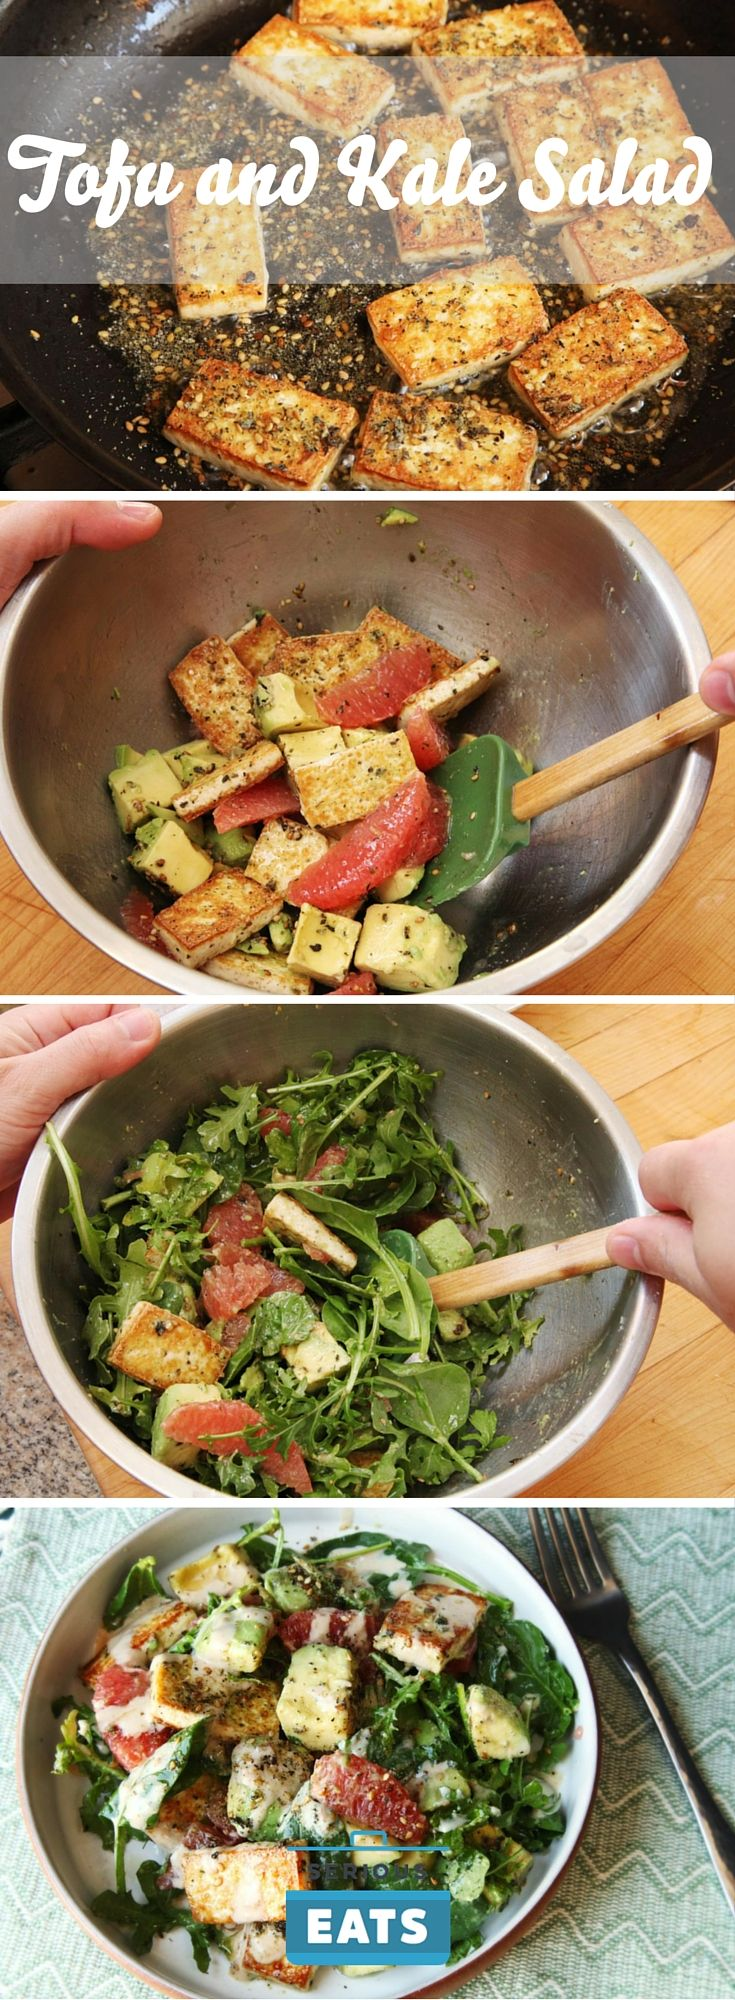 Best 25+ Tofu salad ideas on Pinterest | Recipes with tofu ...